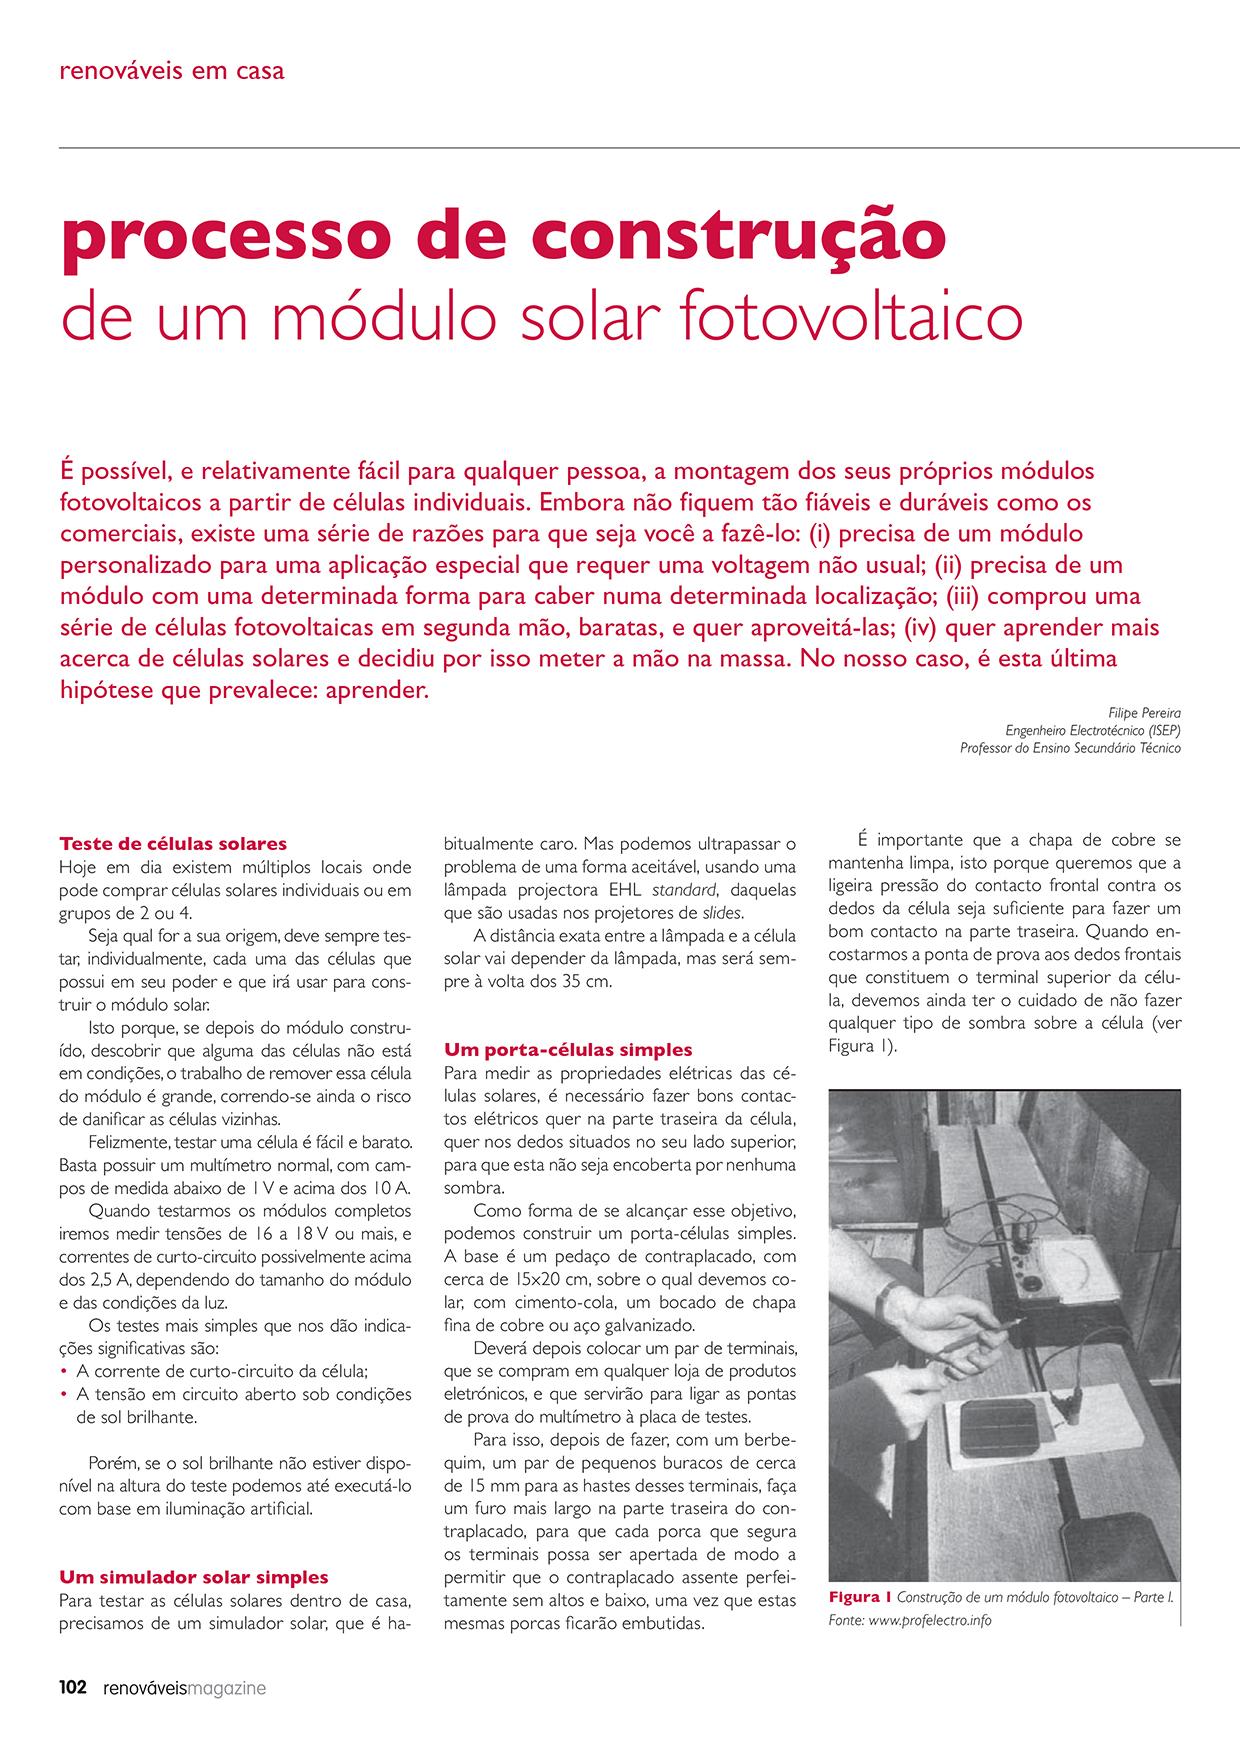 Artigo sobre o Processo de construção de um módulo solar fotovoltaico